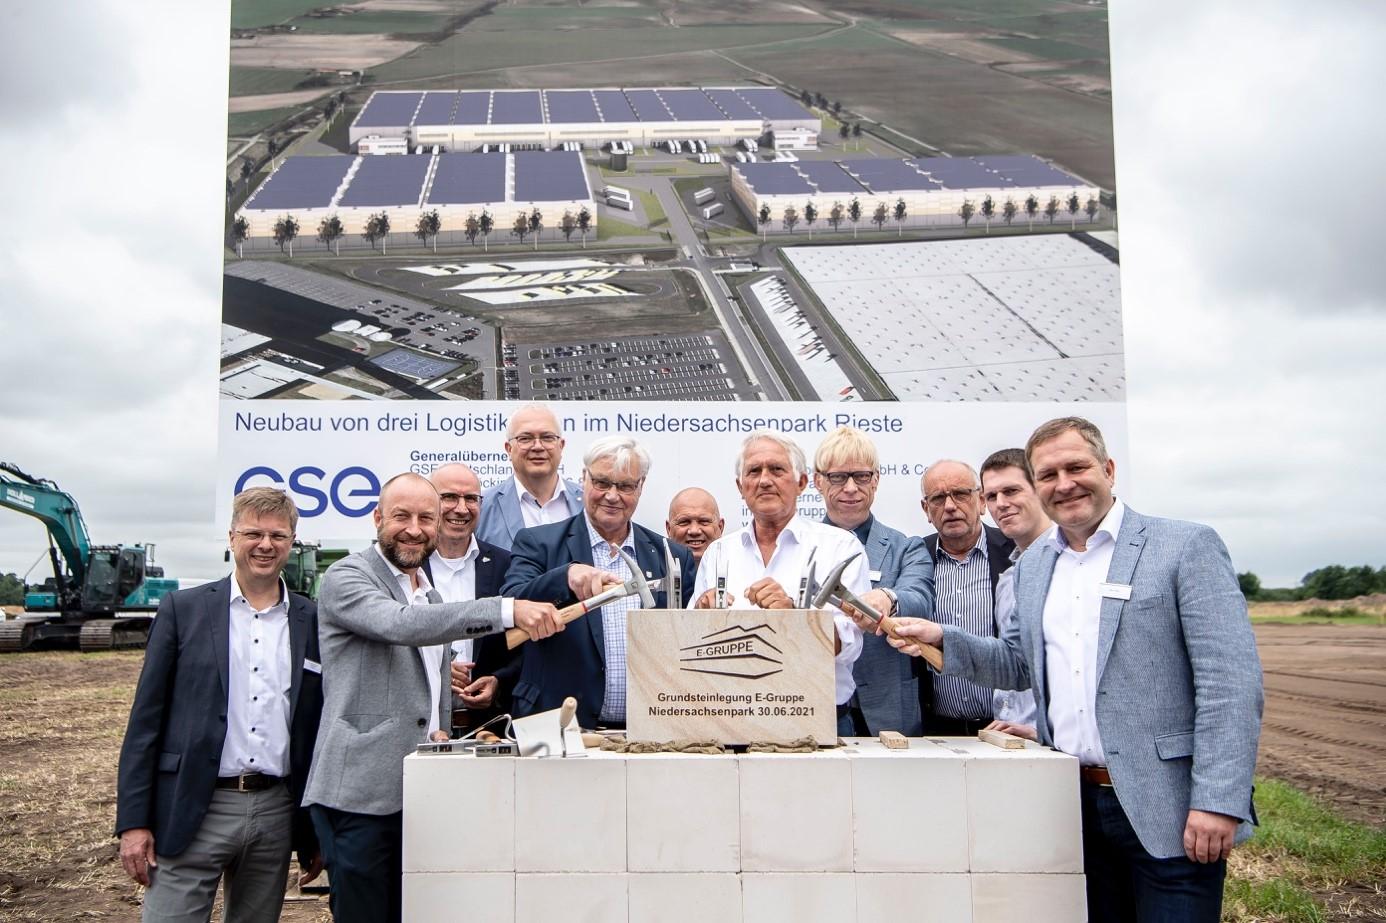 GSE realisiert Großprojekt für Engler Immobilien Gruppe im Niedersachsenpark